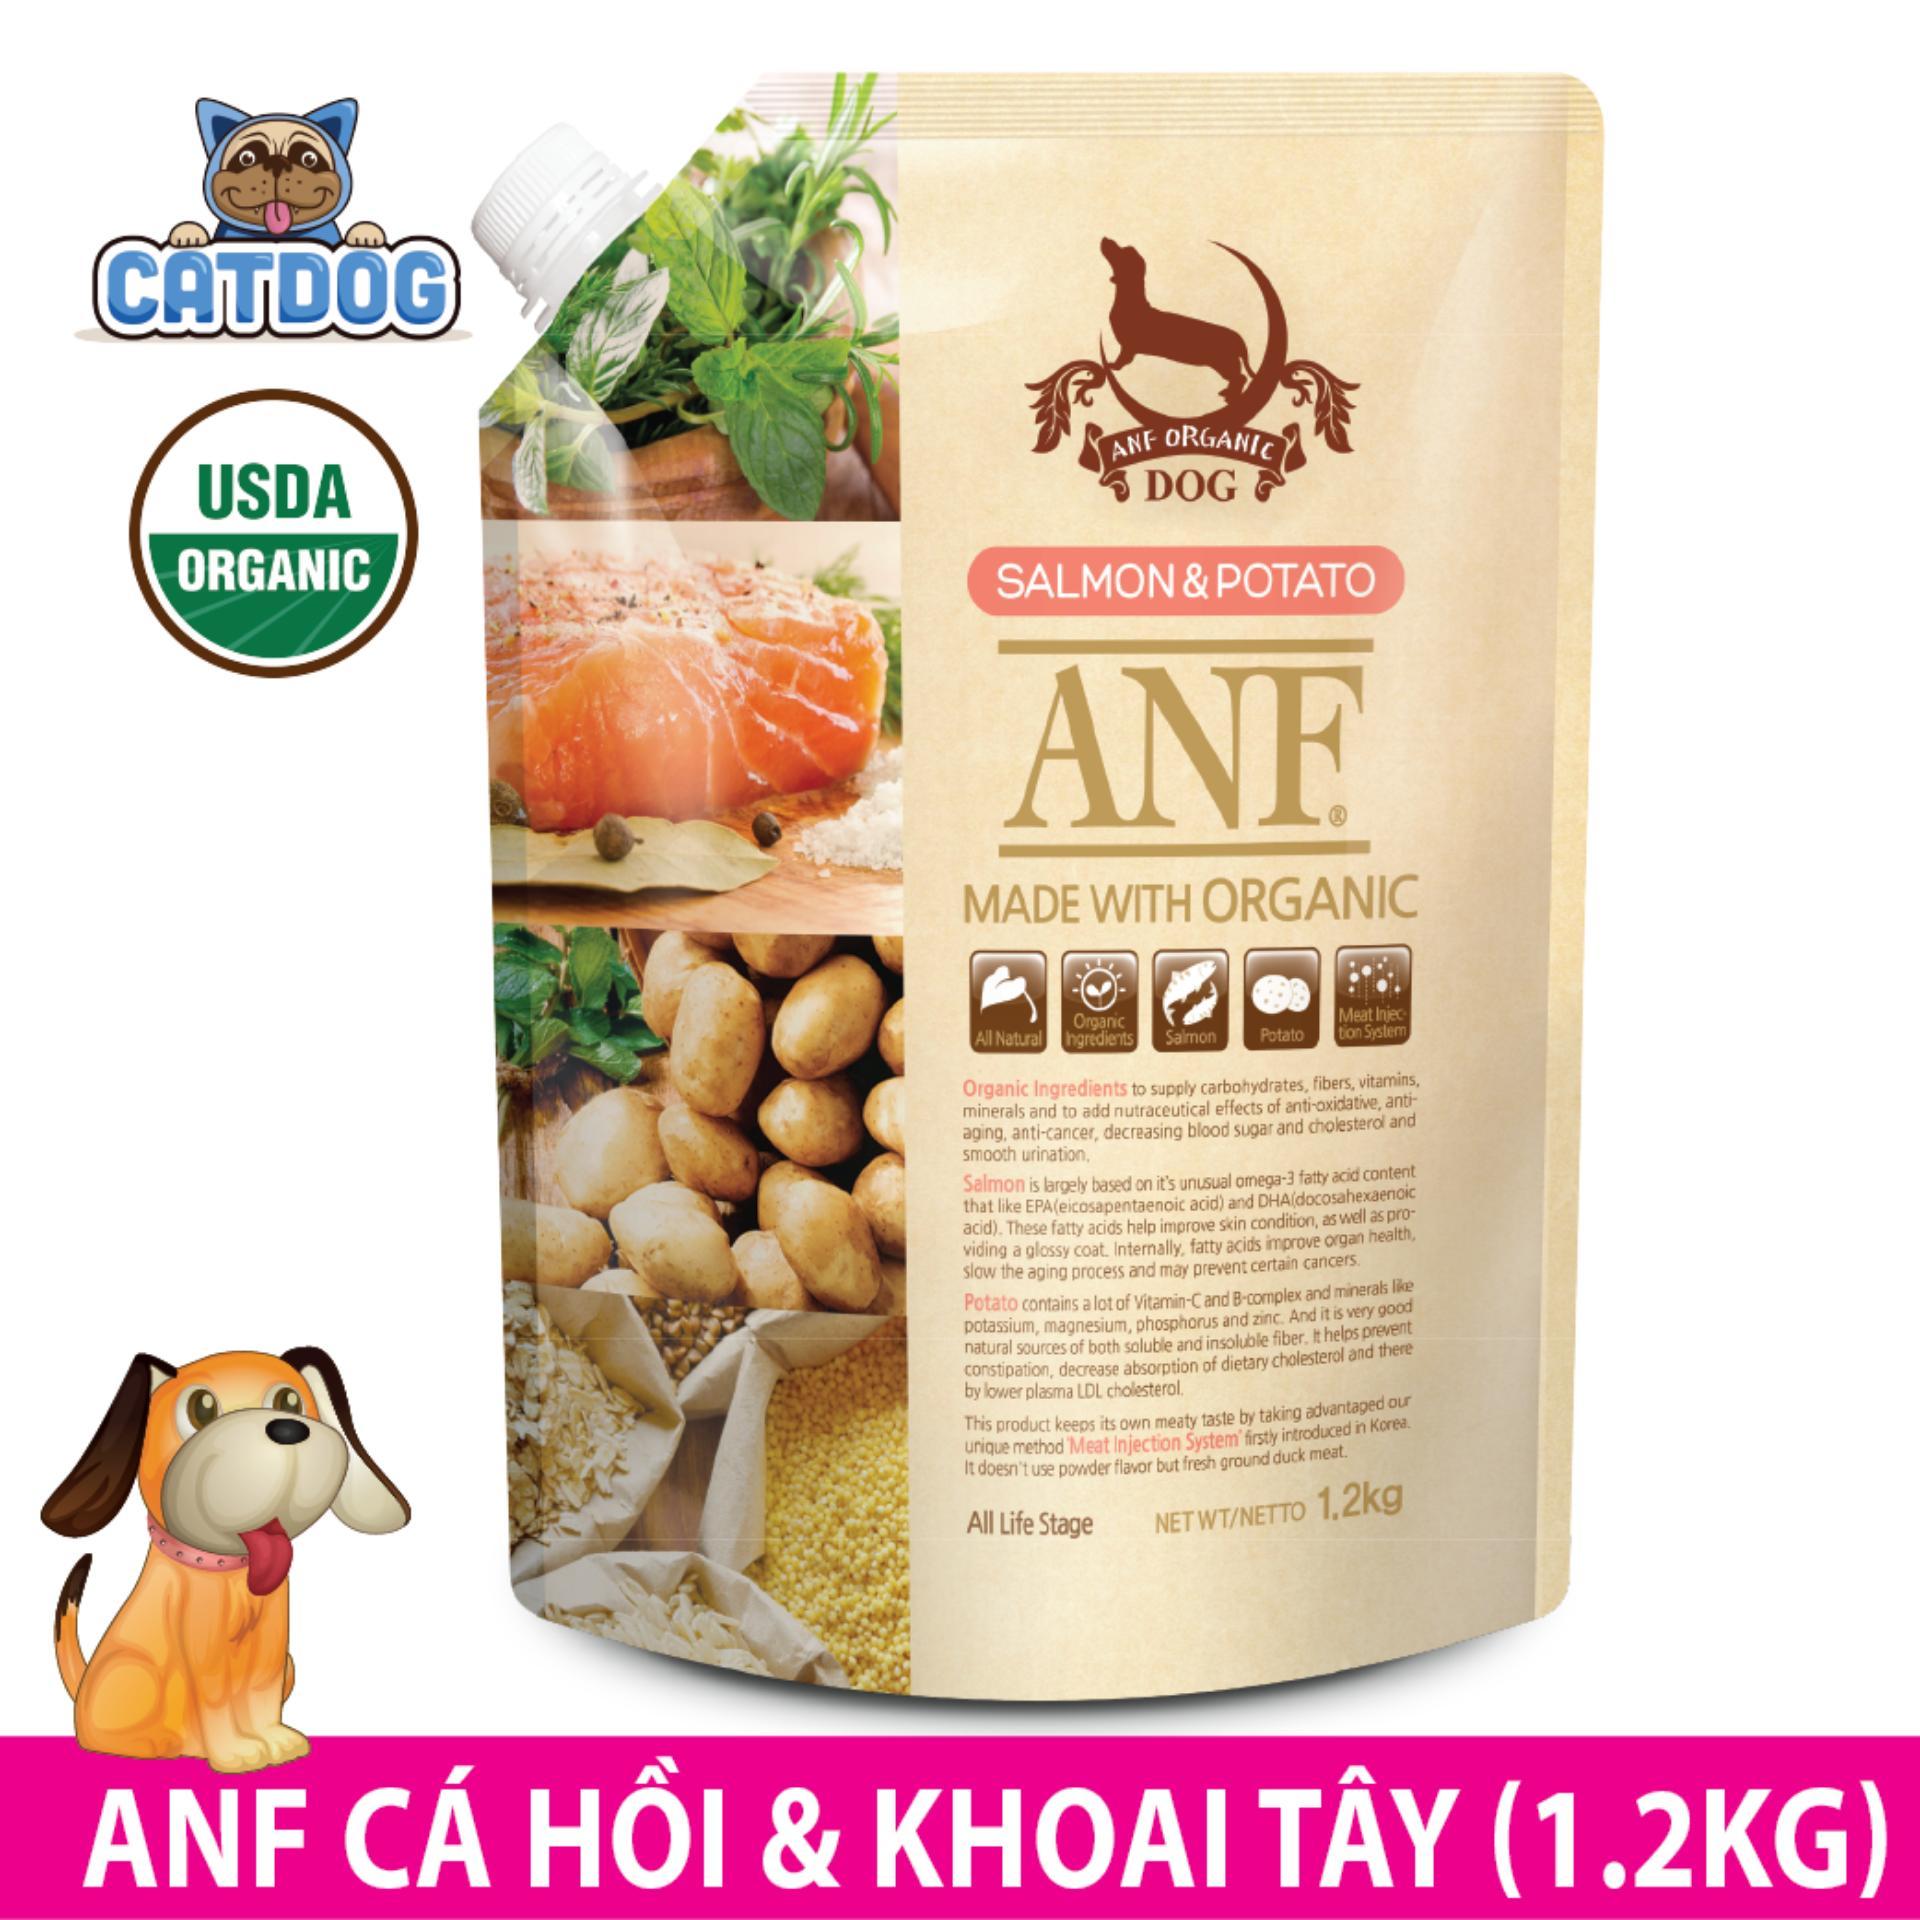 Ôn Tập Hạt Anf Made With Organic Vị Ca Hồi Va Khoai Tay 1 2Kg Cho